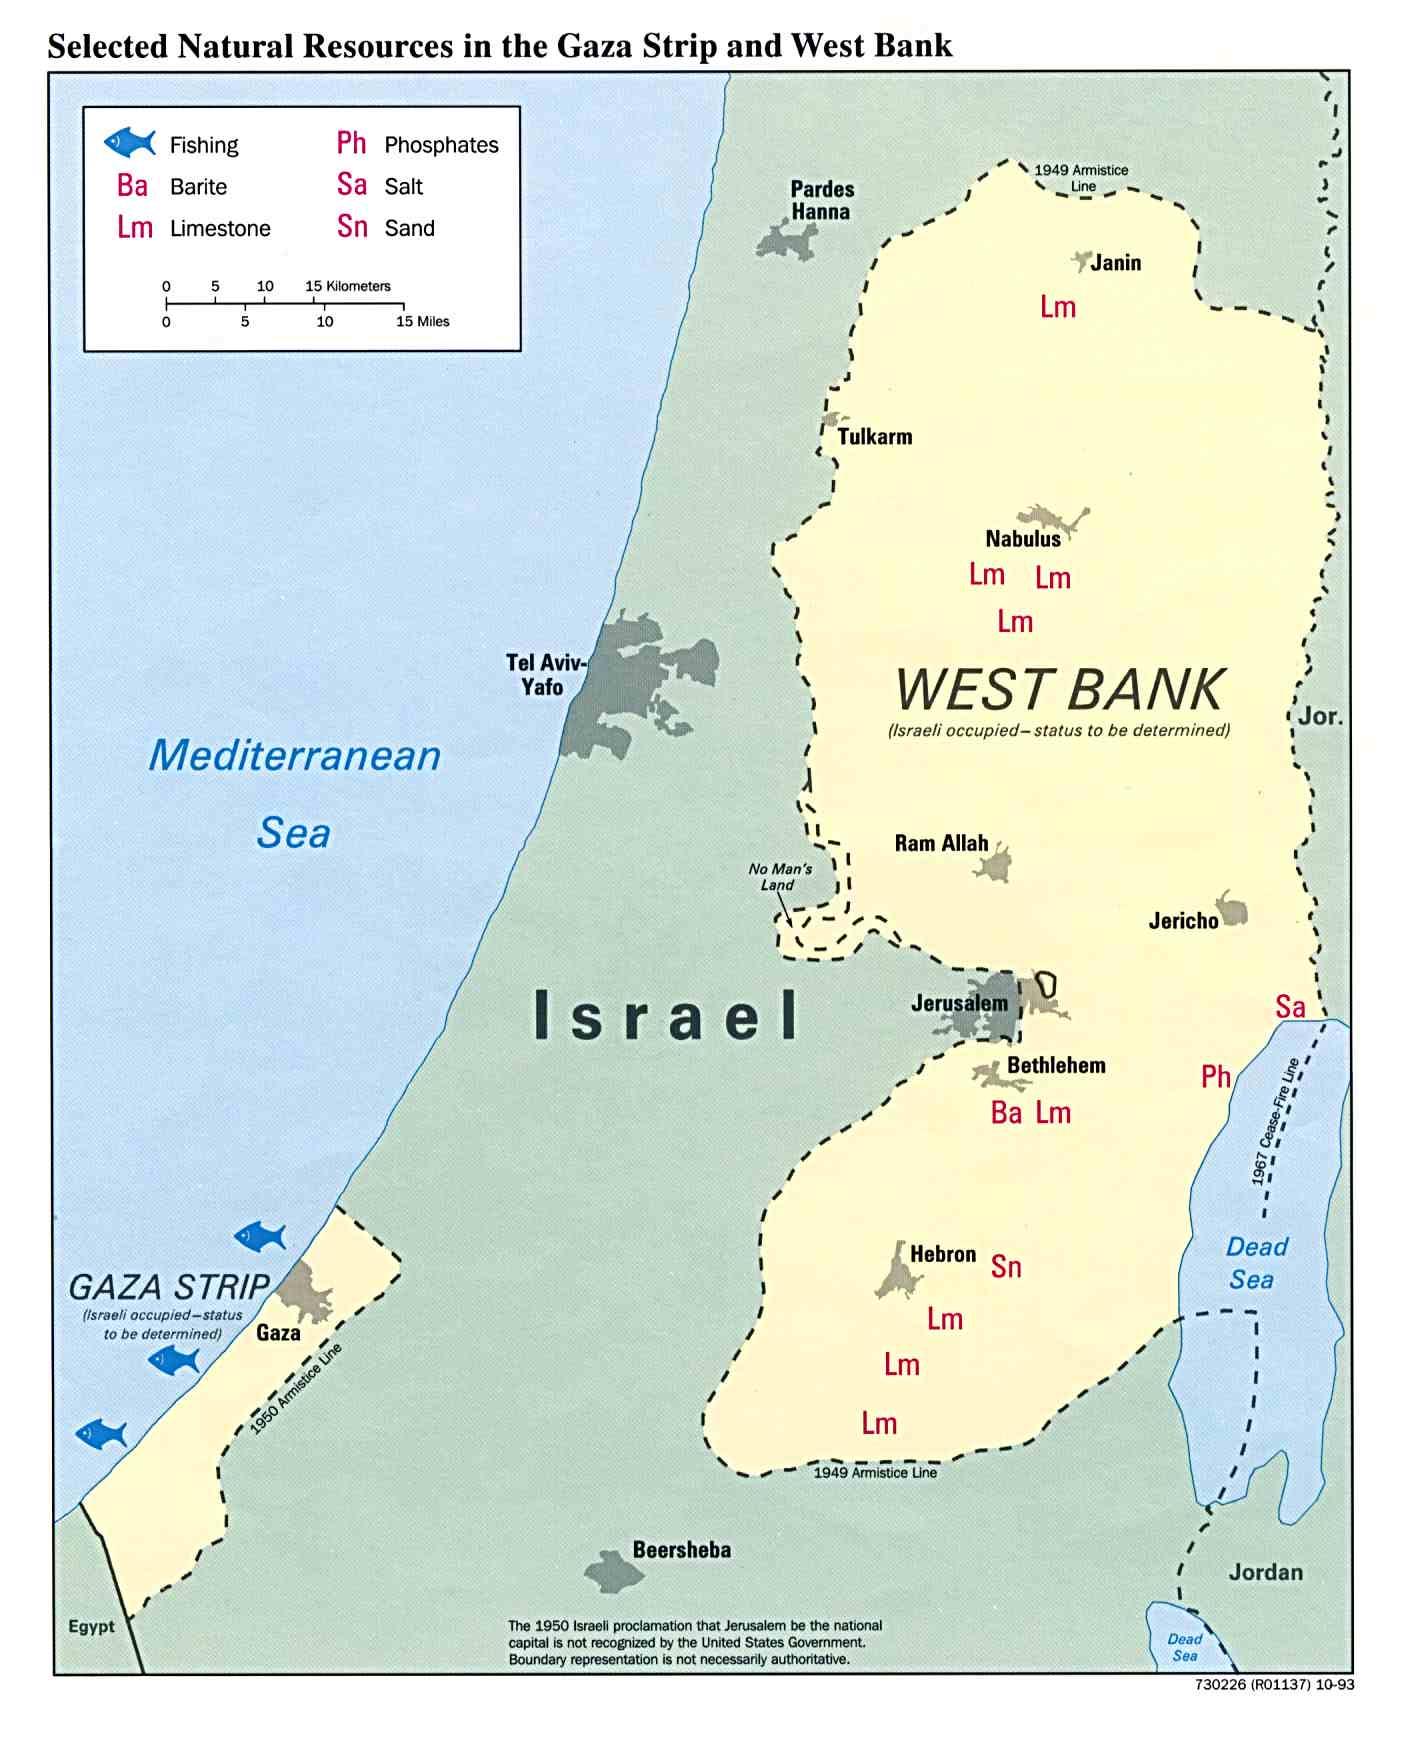 Recursos Naturales de la Franja de Gaza y de Cisjordania